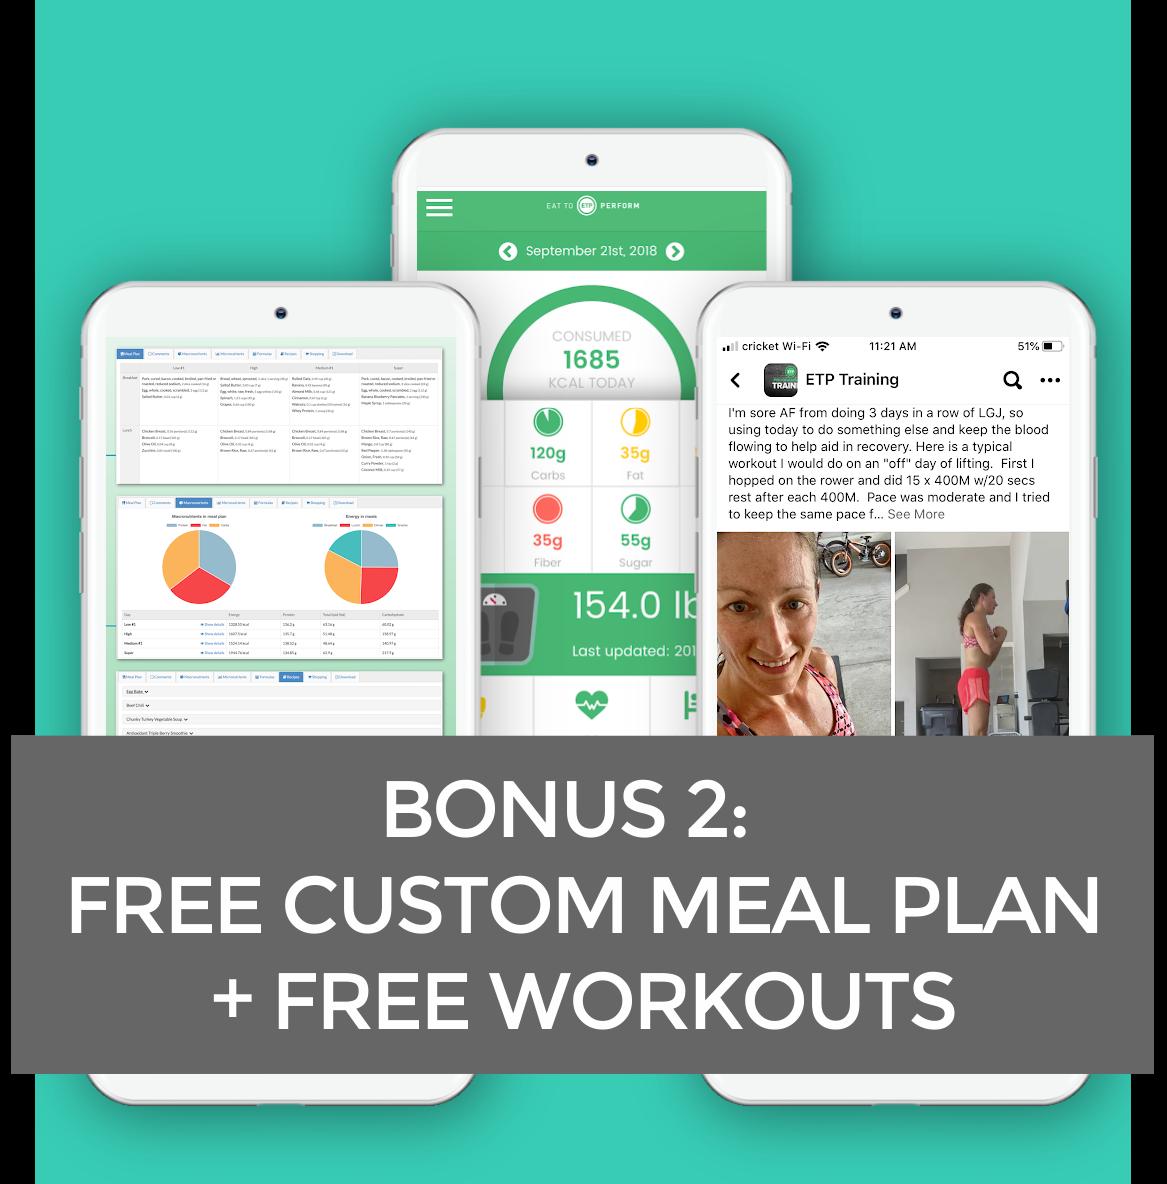 Bonus 2: Free Custom Meal Plan + Free Workouts